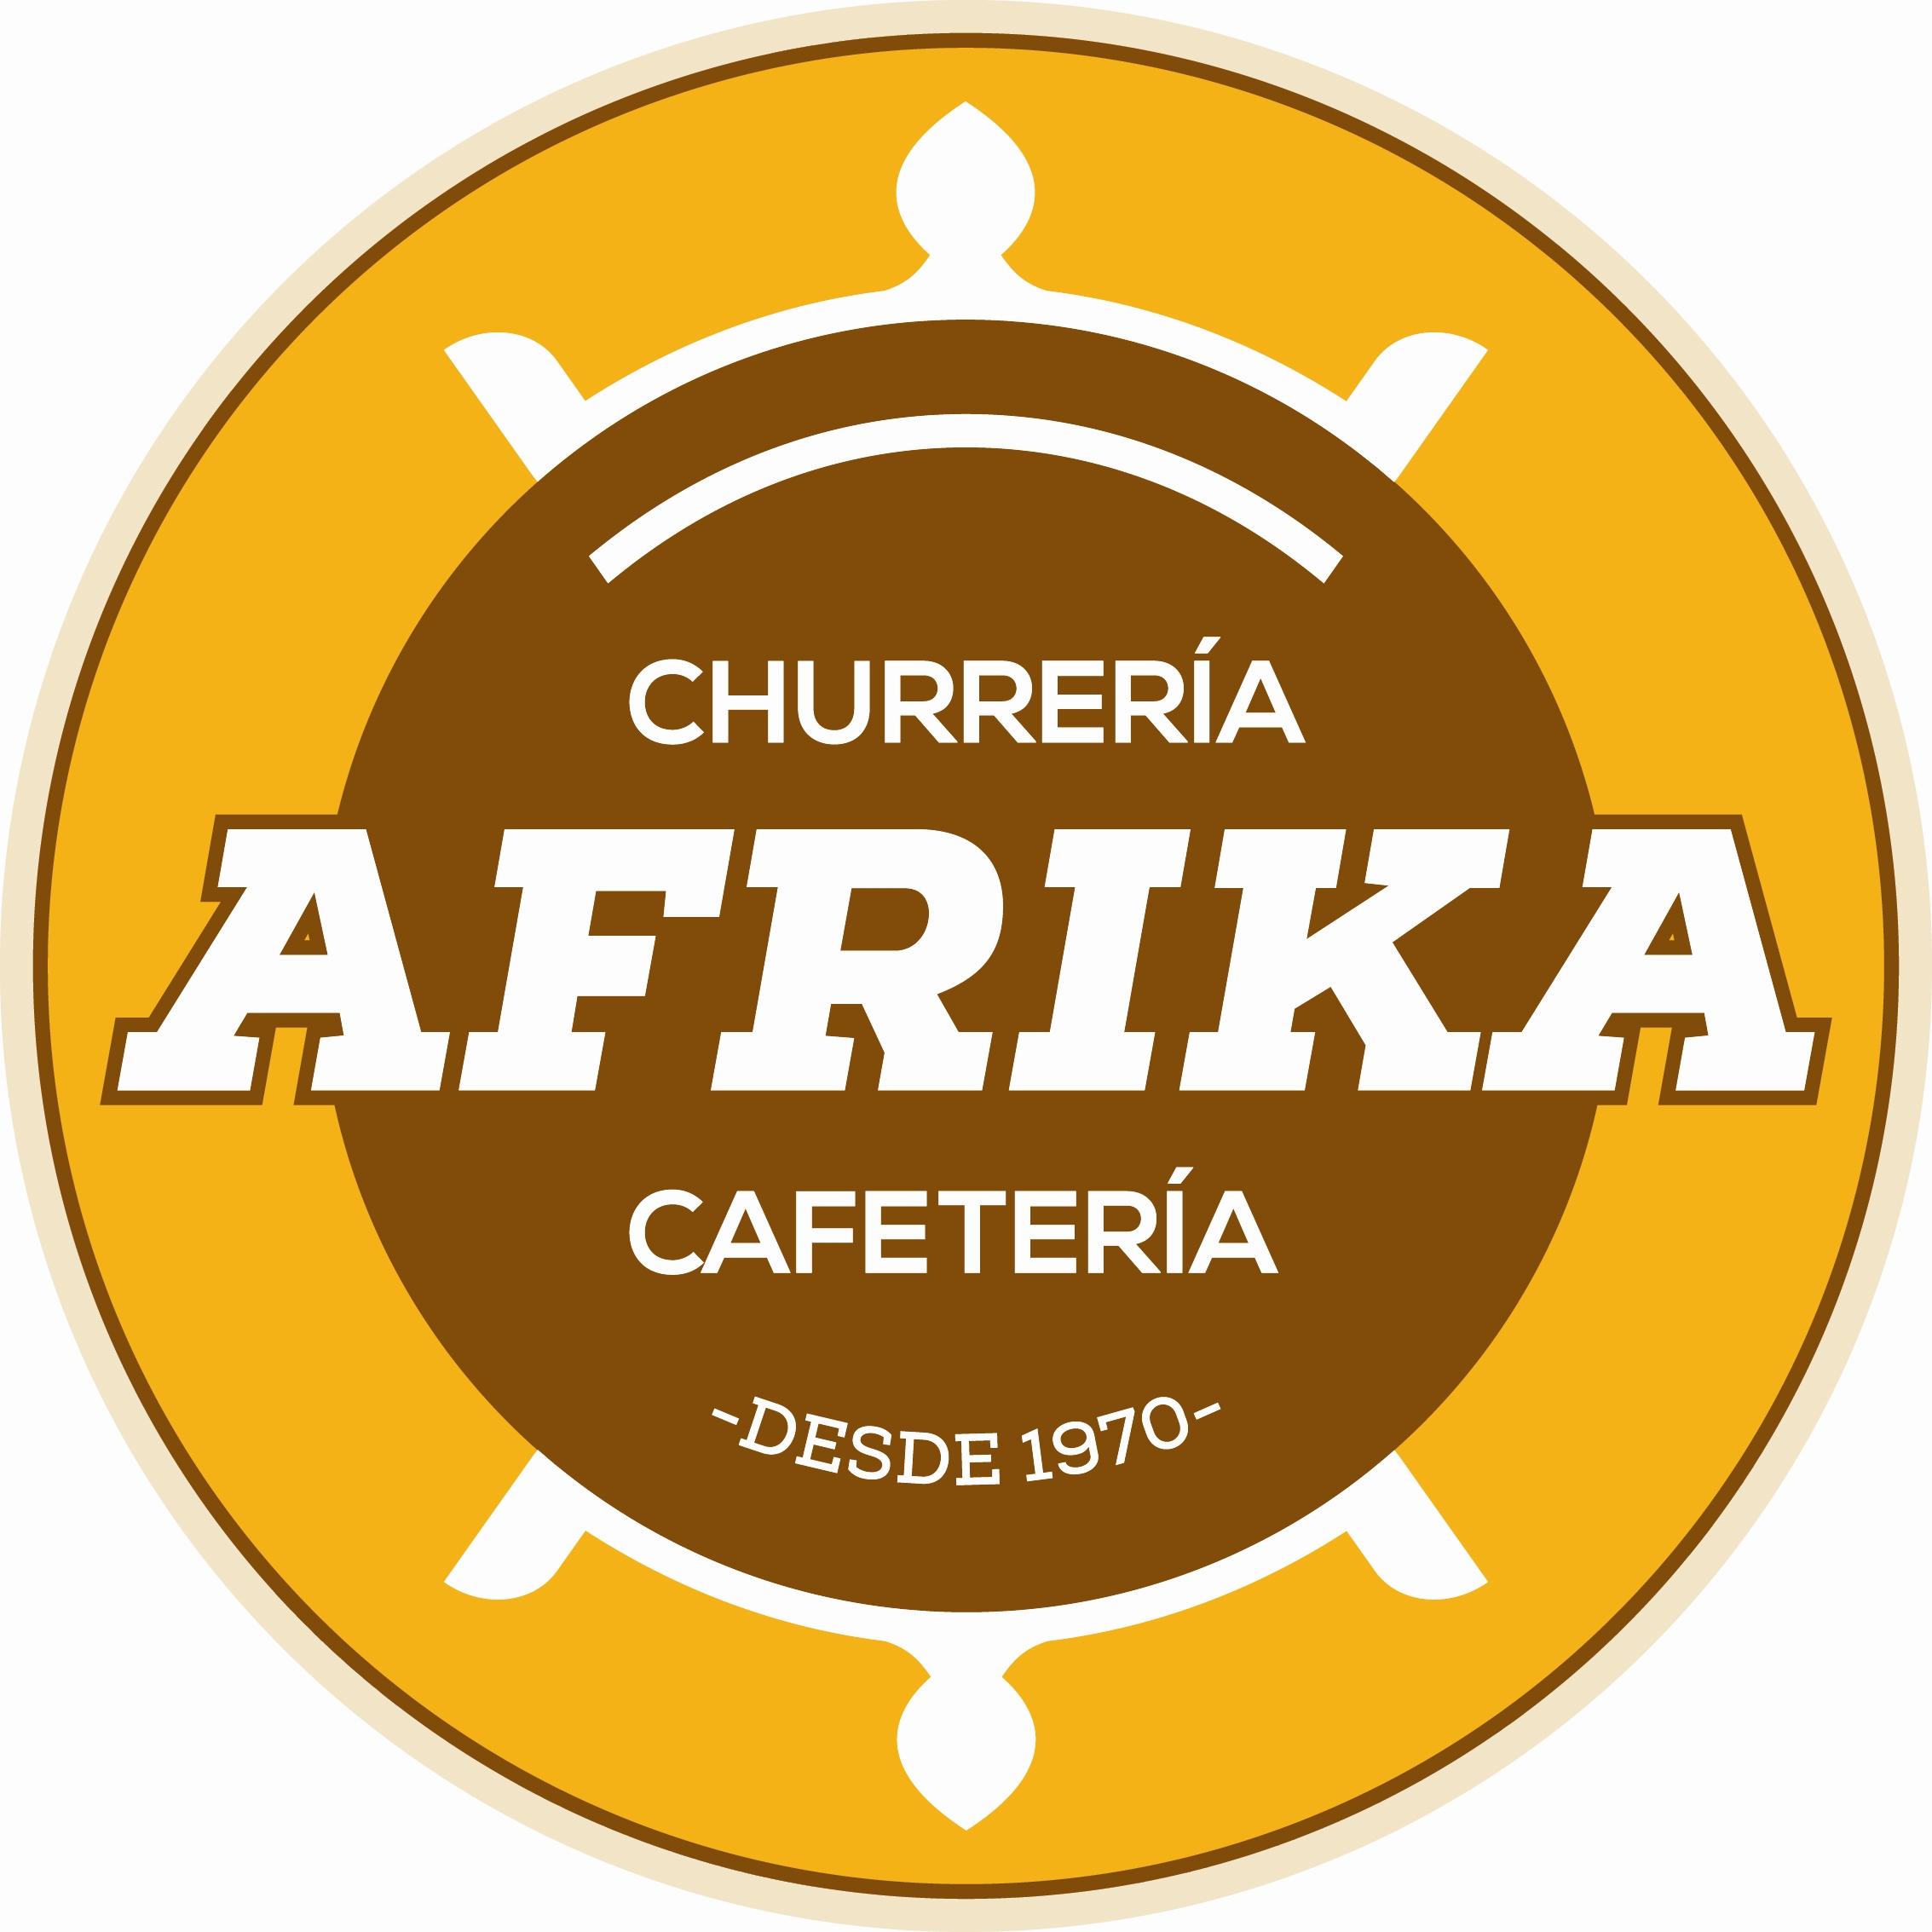 Afrika Churrería